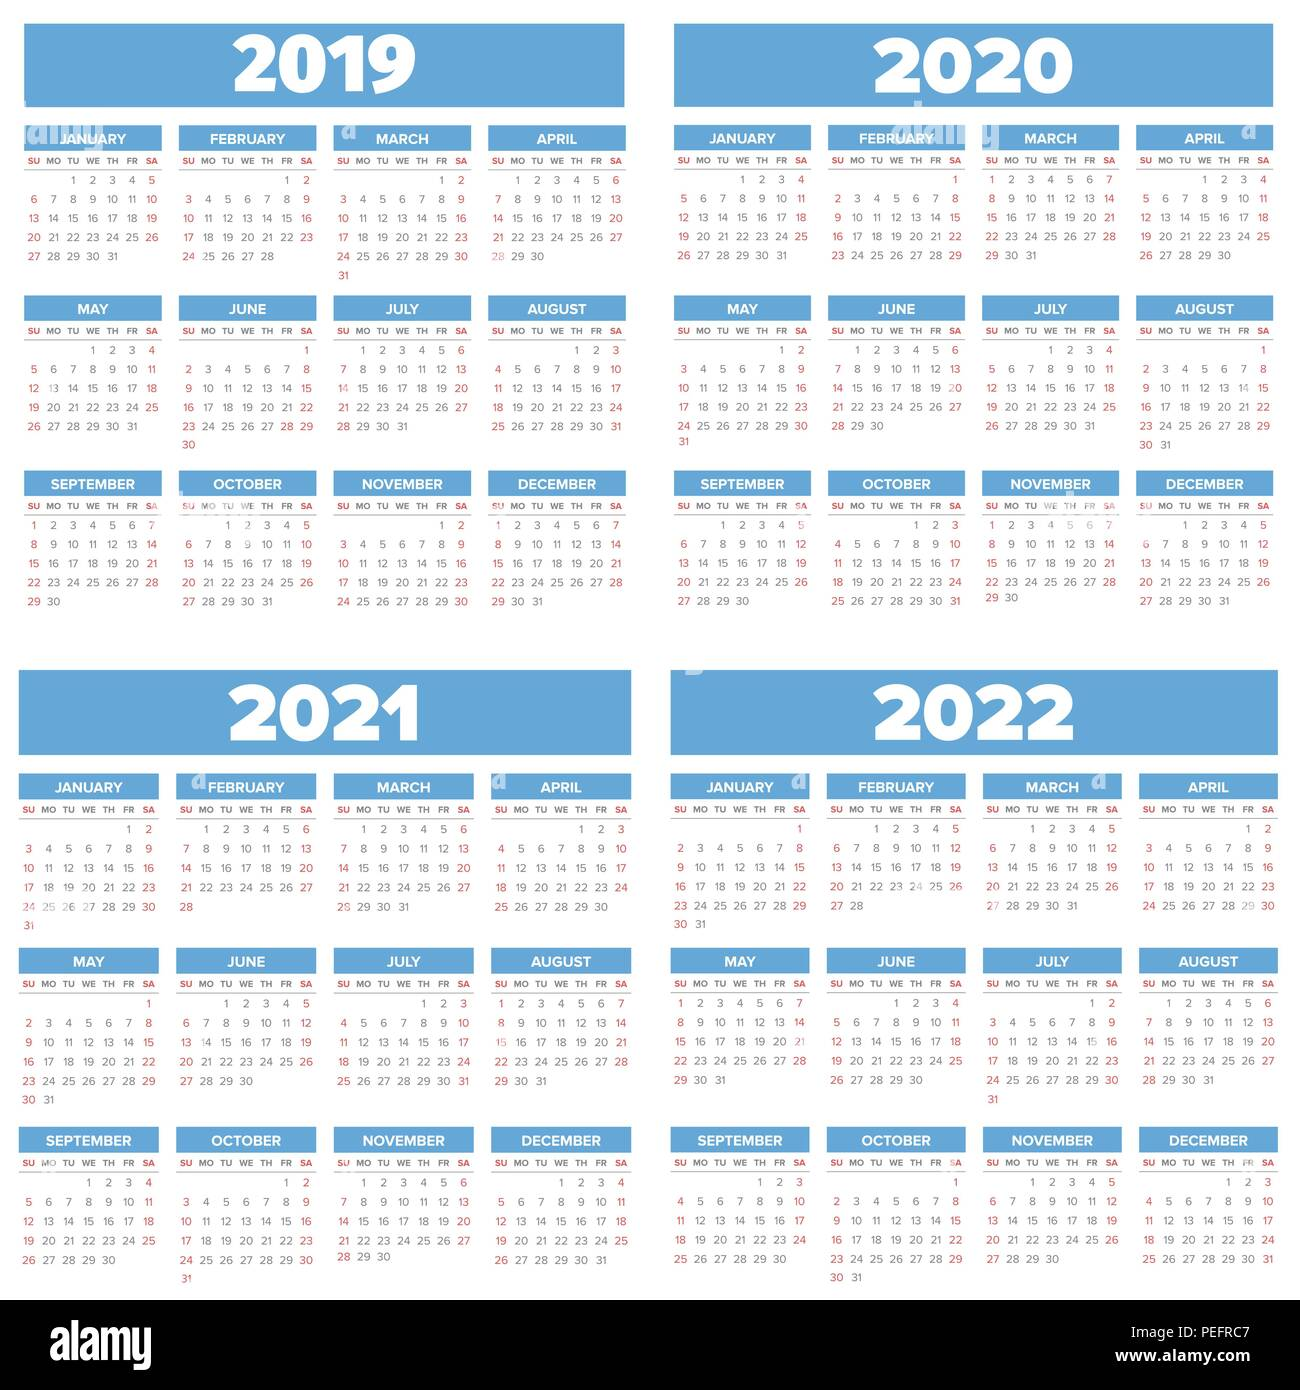 Calendrier 2019 Et 2022 Année 2019 2022 simple calendrier défini, la semaine commence le